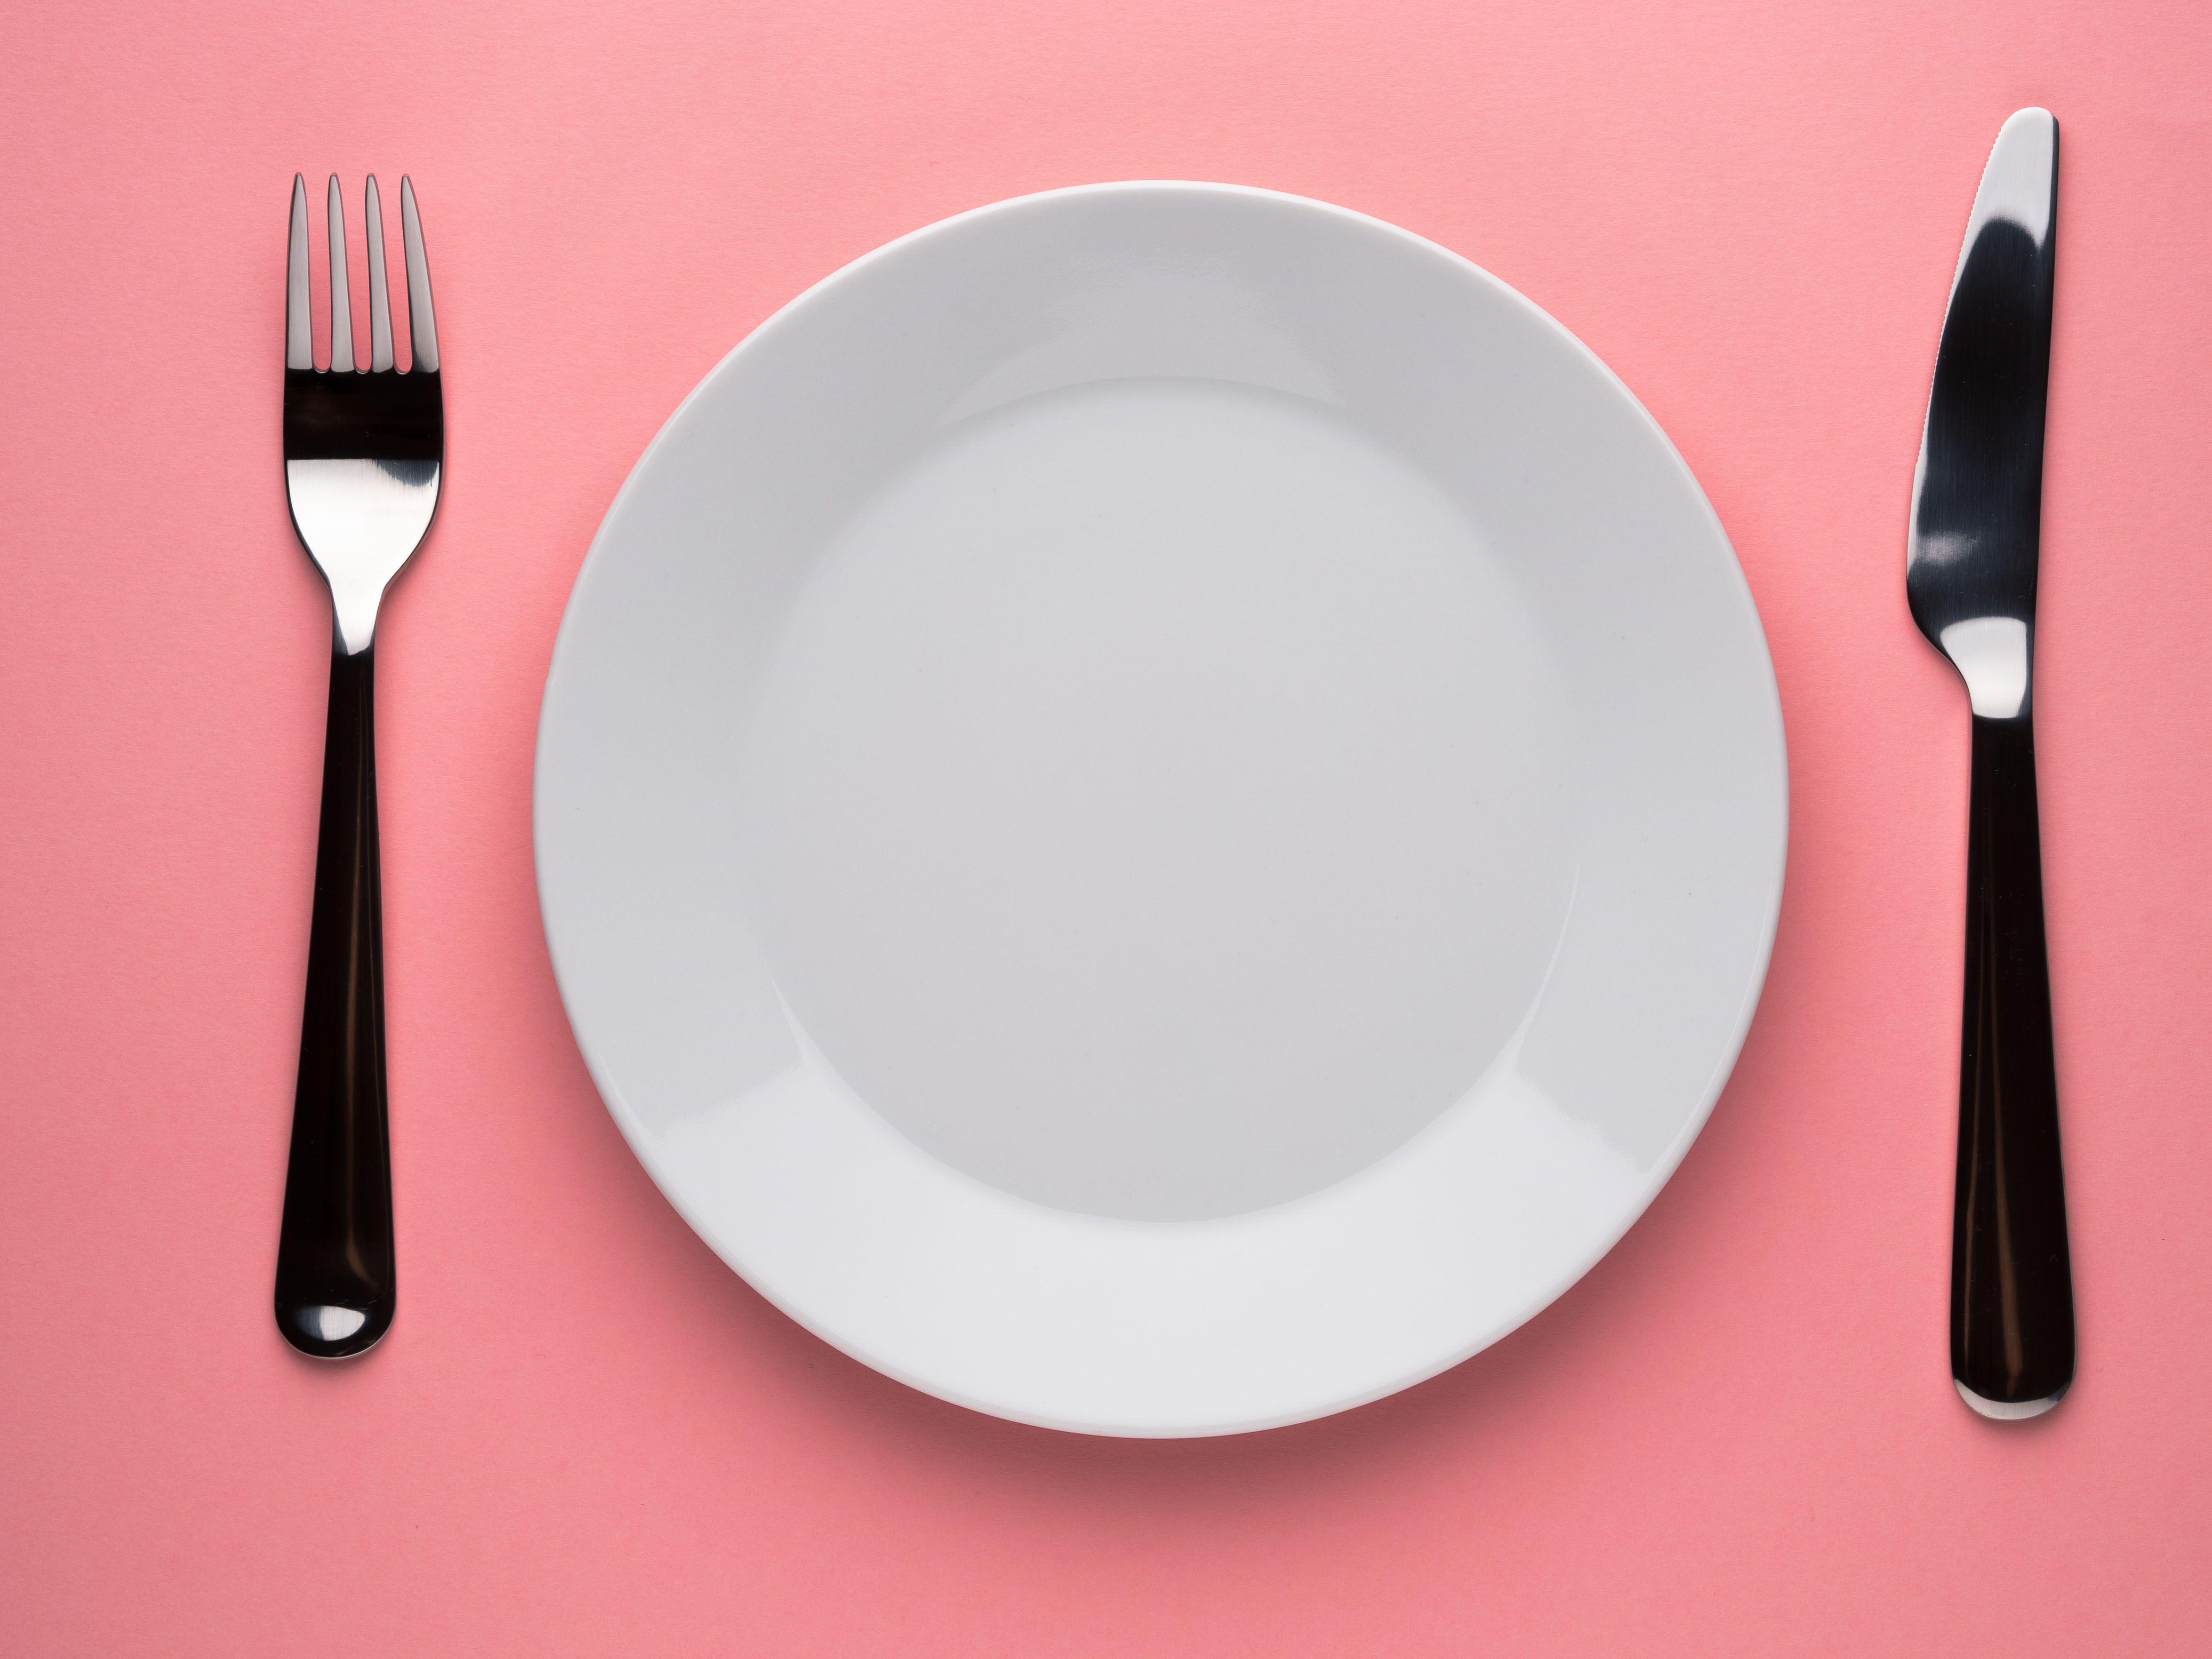 cuéntame sobre el plan de dieta cetosis